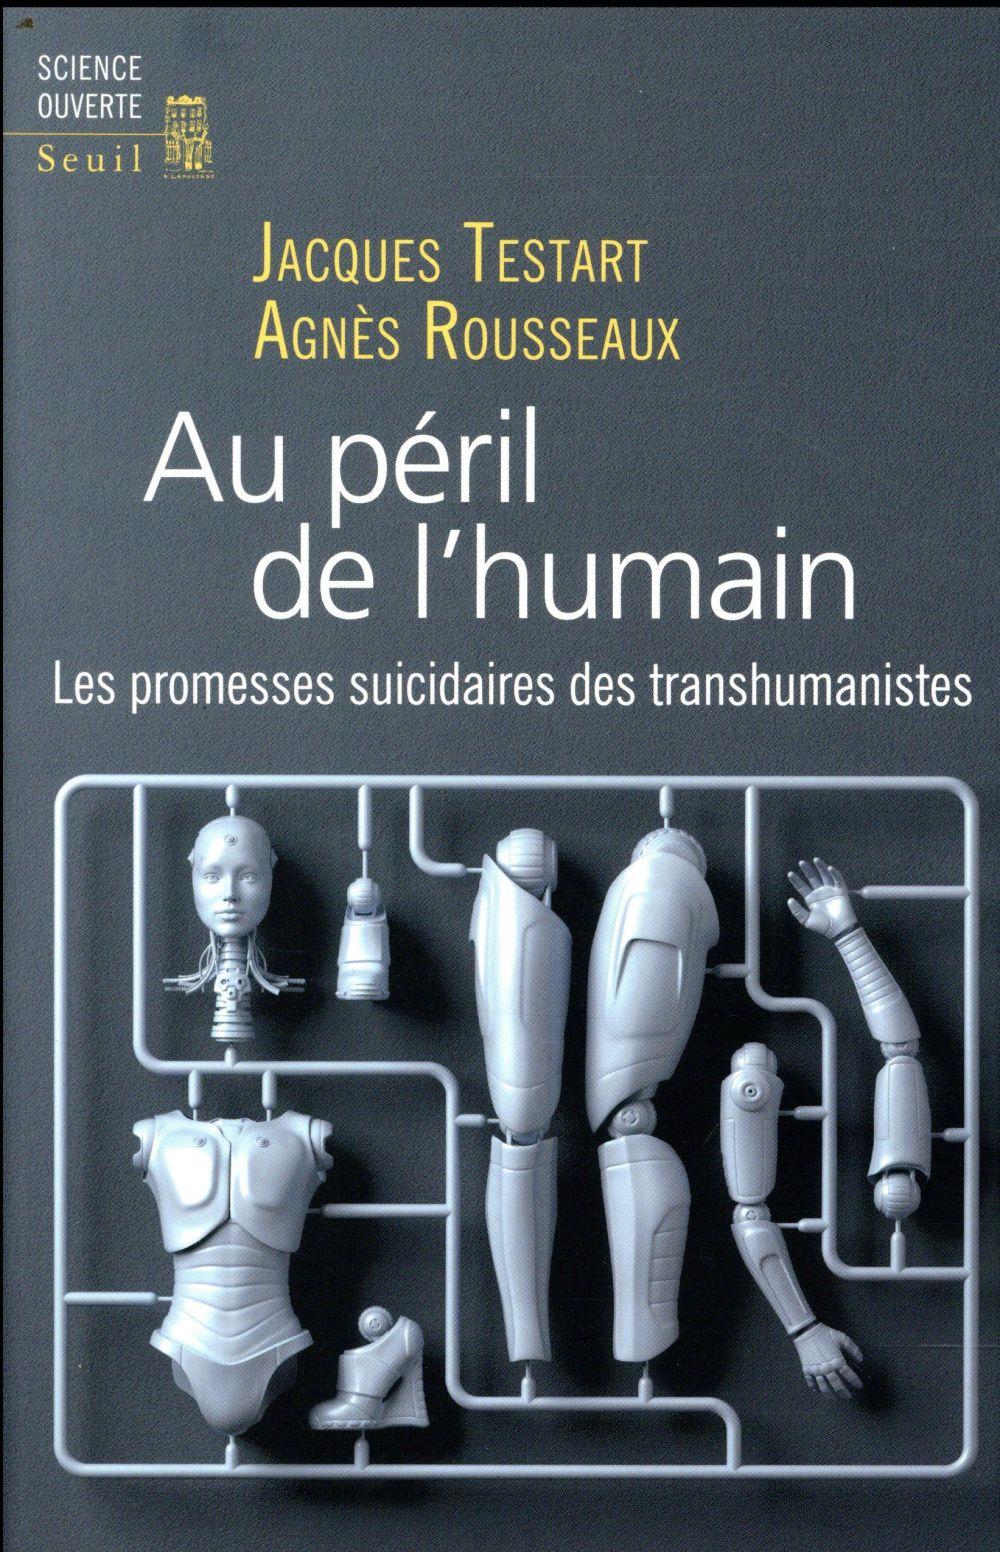 AU PERIL DE L'HUMAIN : LES PROMESSES SUICIDAIRES DES TRANSHUMANISTES